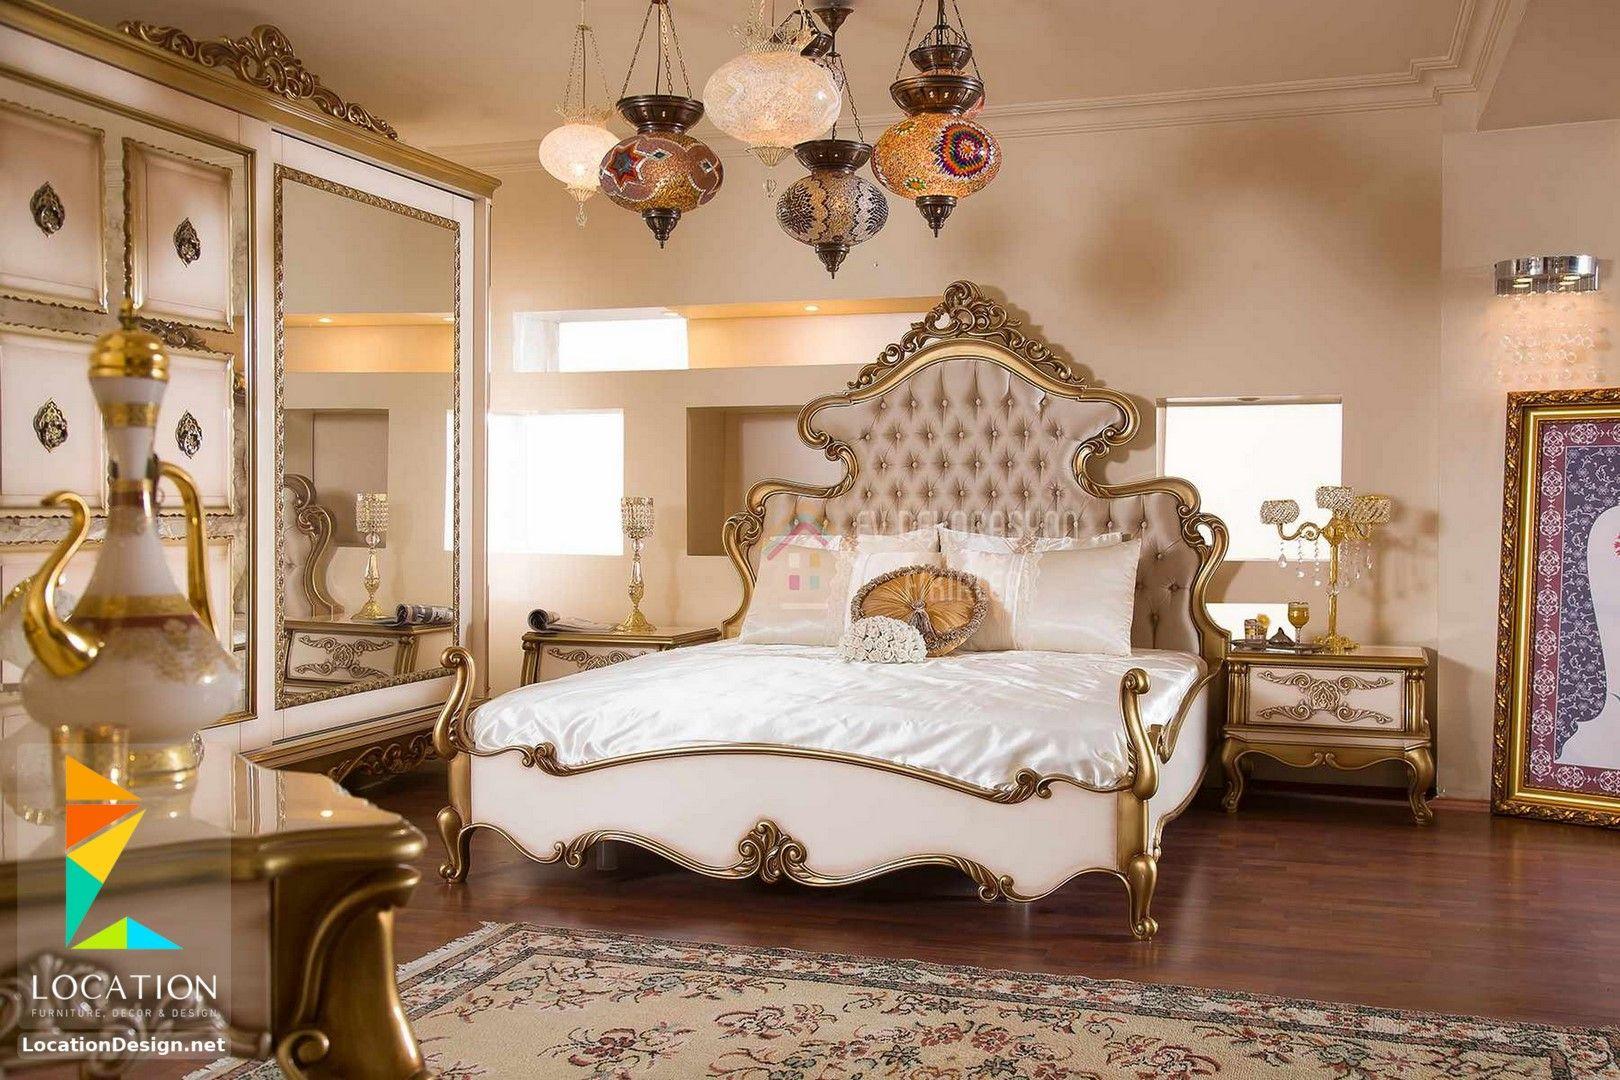 احدث موديلات و اشكال غرف نوم تركي 2019 2020 Sofa Furniture Home Furniture